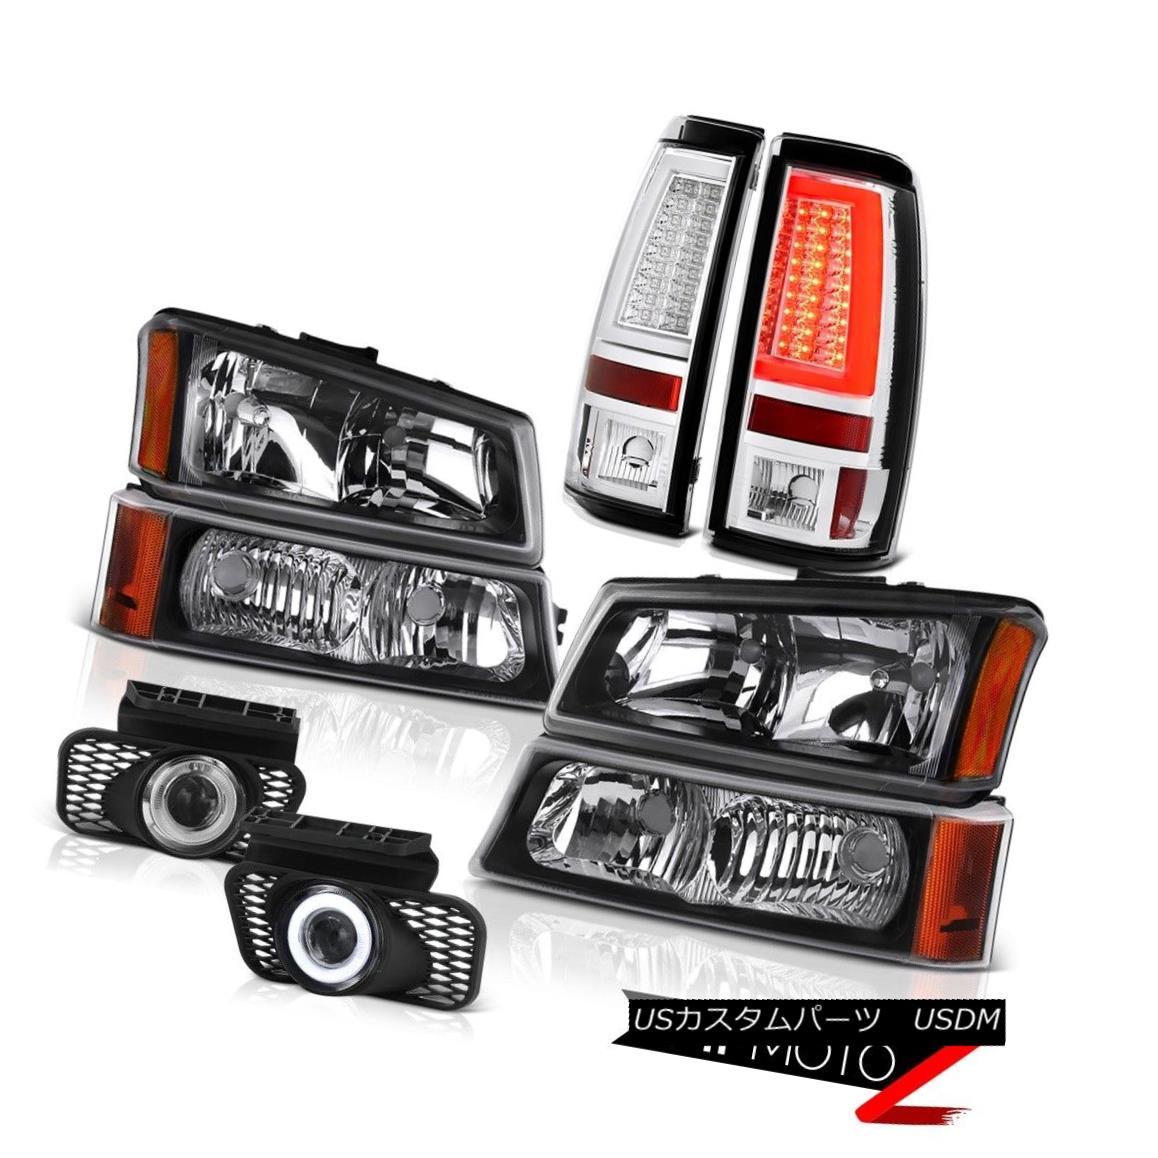 テールライト 03 04 05 06 Chevy Silverado Tail Lamps Headlights Foglamps Projector Assembly 03 04 05 06 Chevy Silveradoテールランプヘッドライトフォグランププロジェクタアセンブリ